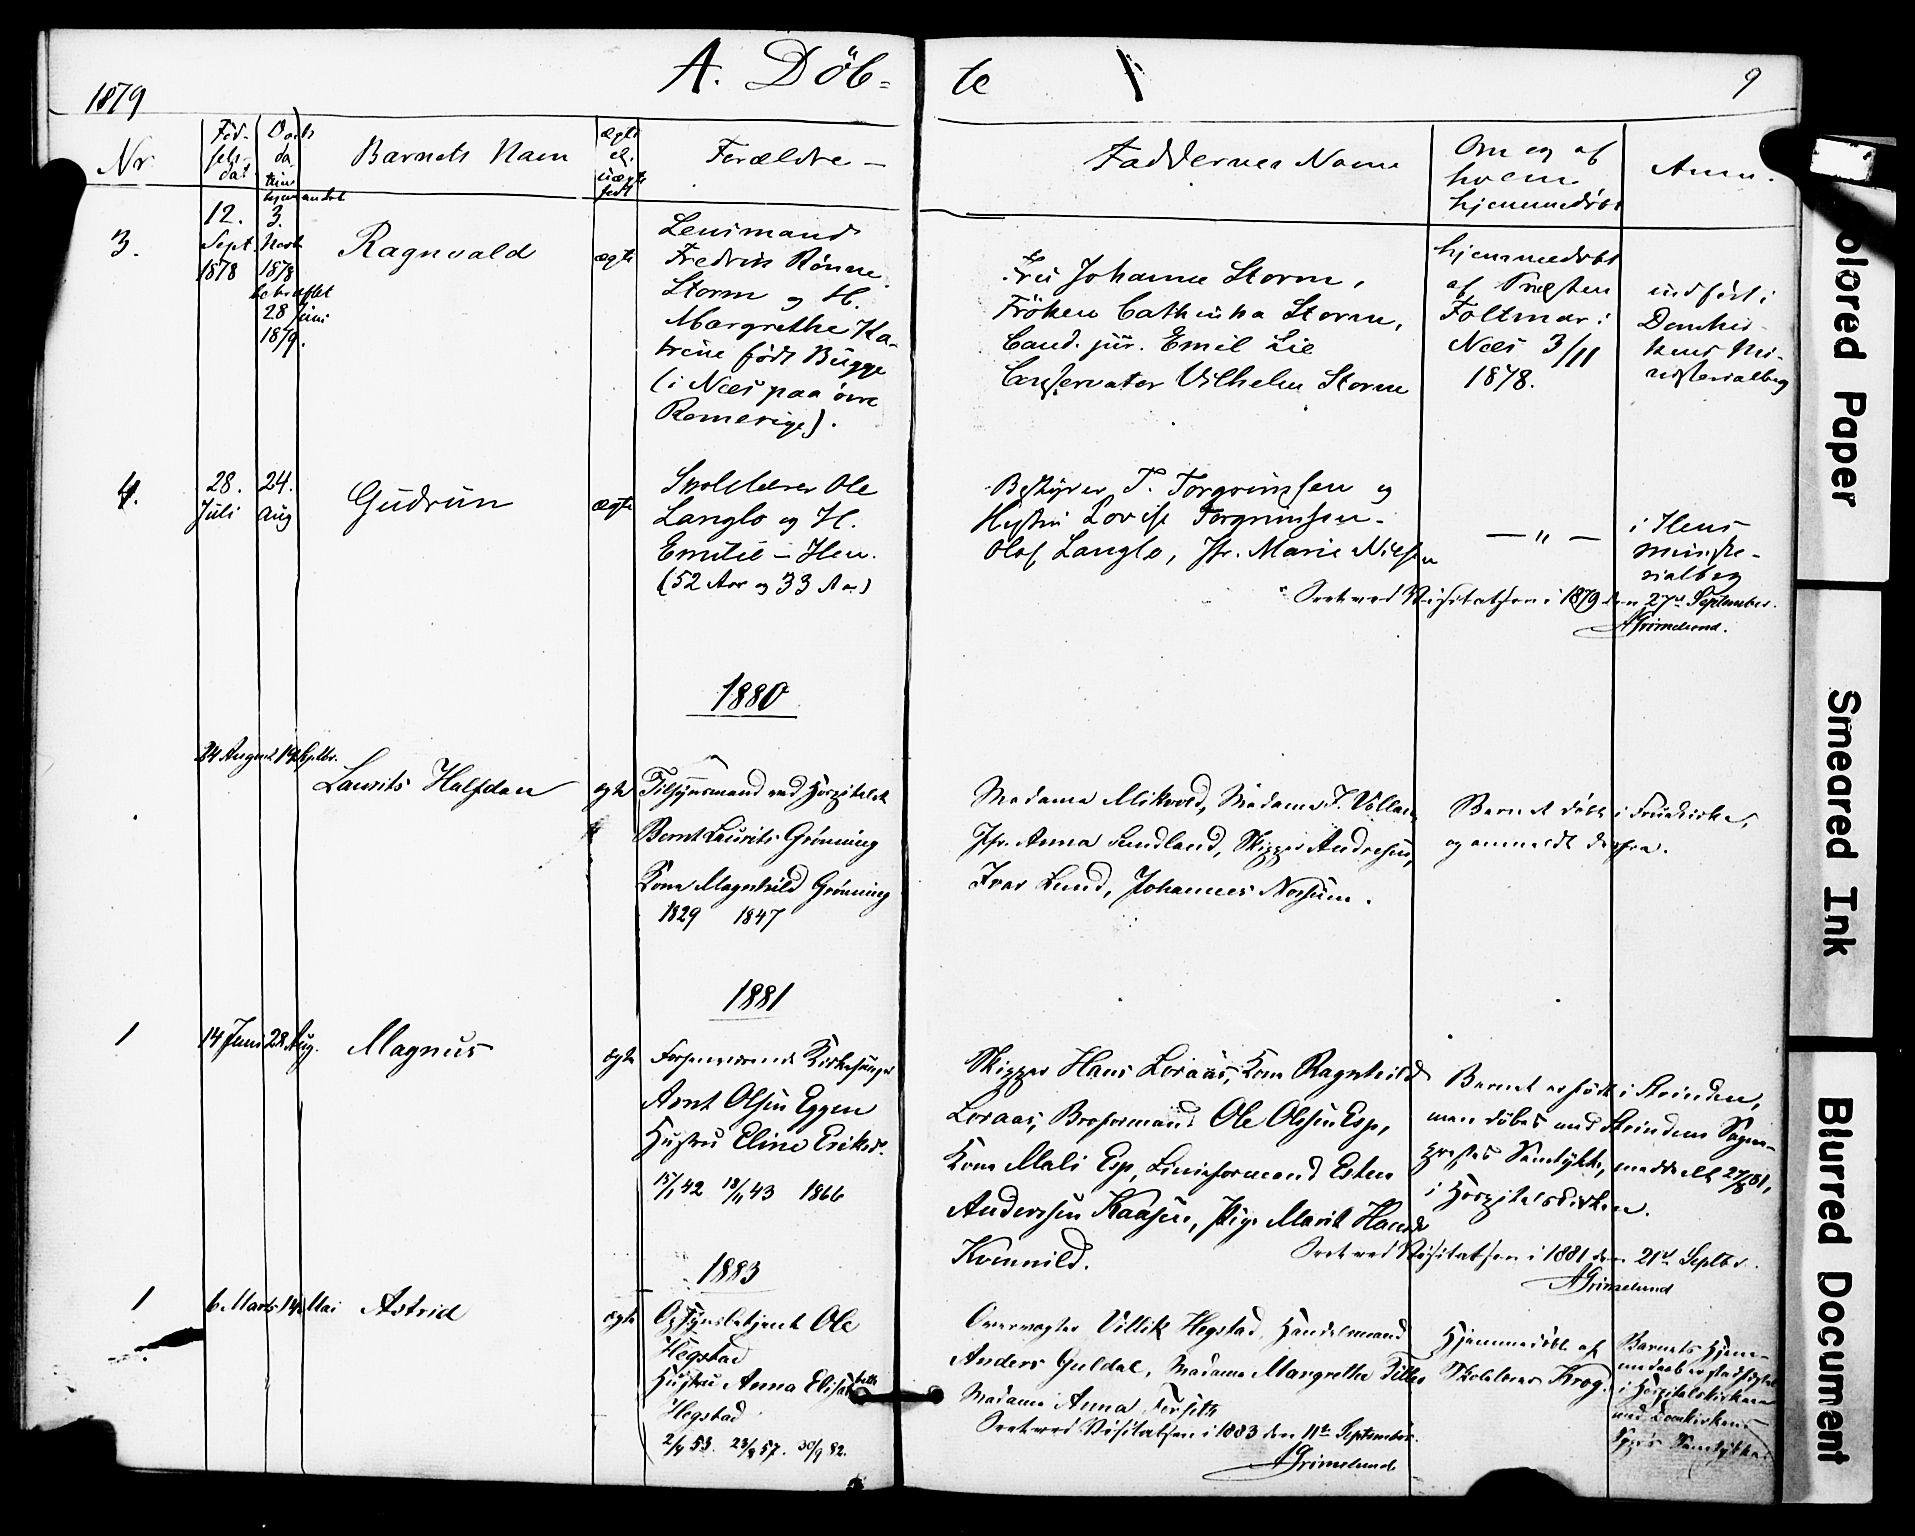 SAT, Ministerialprotokoller, klokkerbøker og fødselsregistre - Sør-Trøndelag, 623/L0469: Ministerialbok nr. 623A03, 1868-1883, s. 9